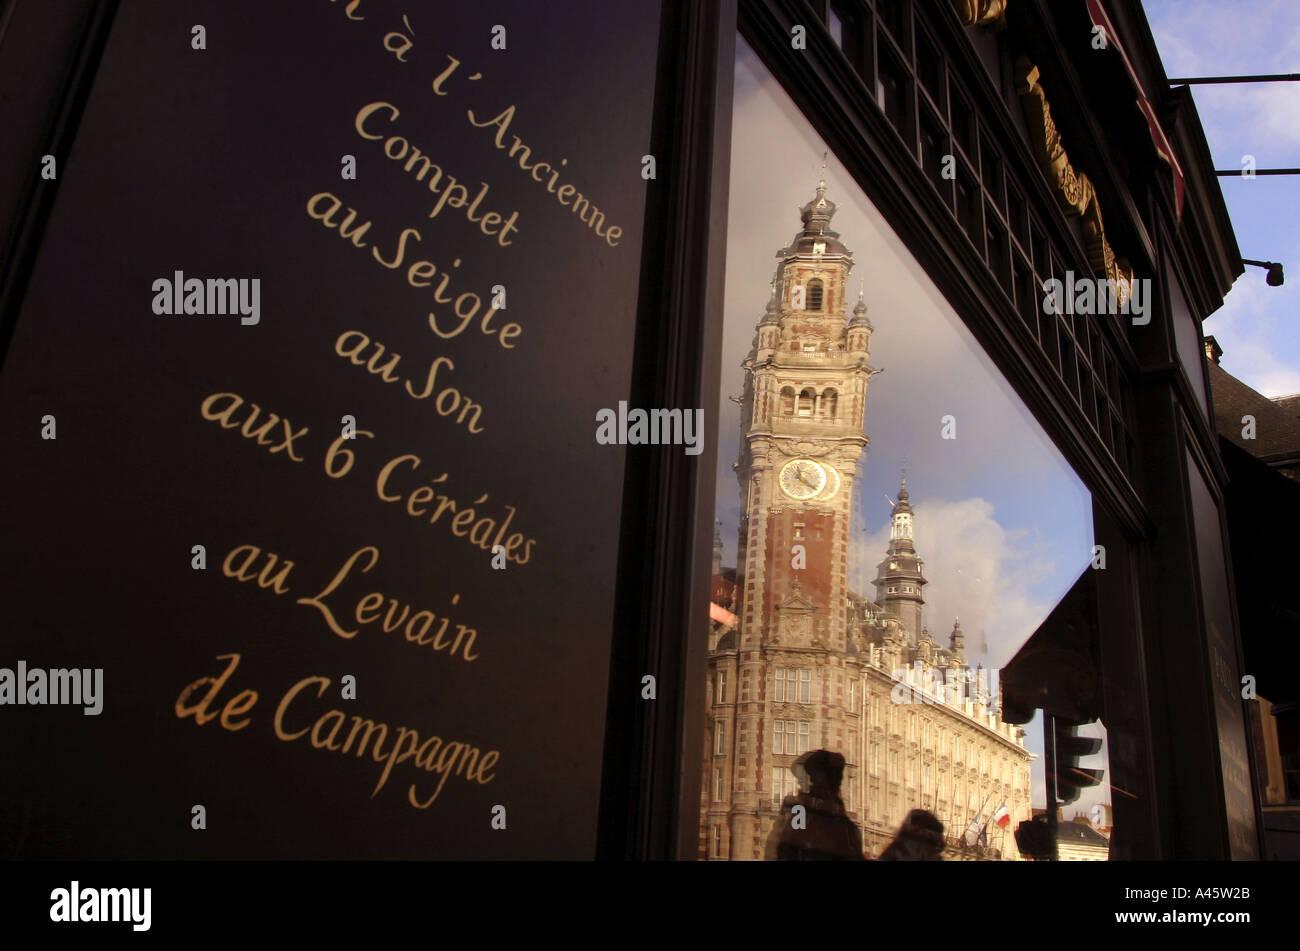 Paul patisserie stock photos paul patisserie stock - Chambre de commerce et d industrie lyon ...